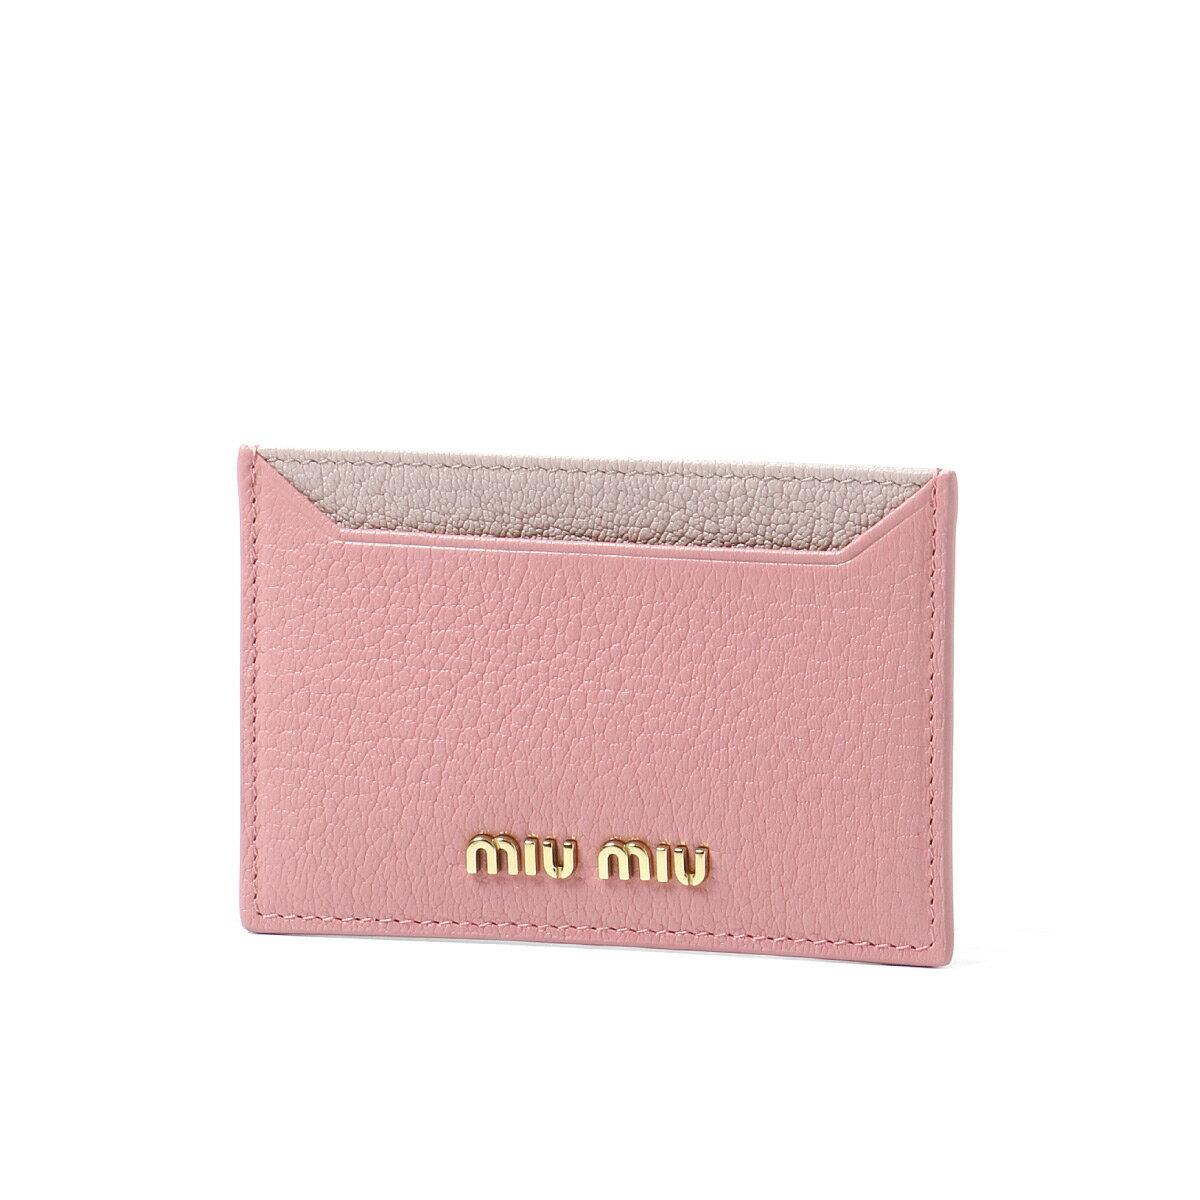 ミュウ ミュウ MIU MIU カードケース レディース 5MC208 2BJI F0387 MADRAS COLOUR B ROSA/MUGHETTO ピンク